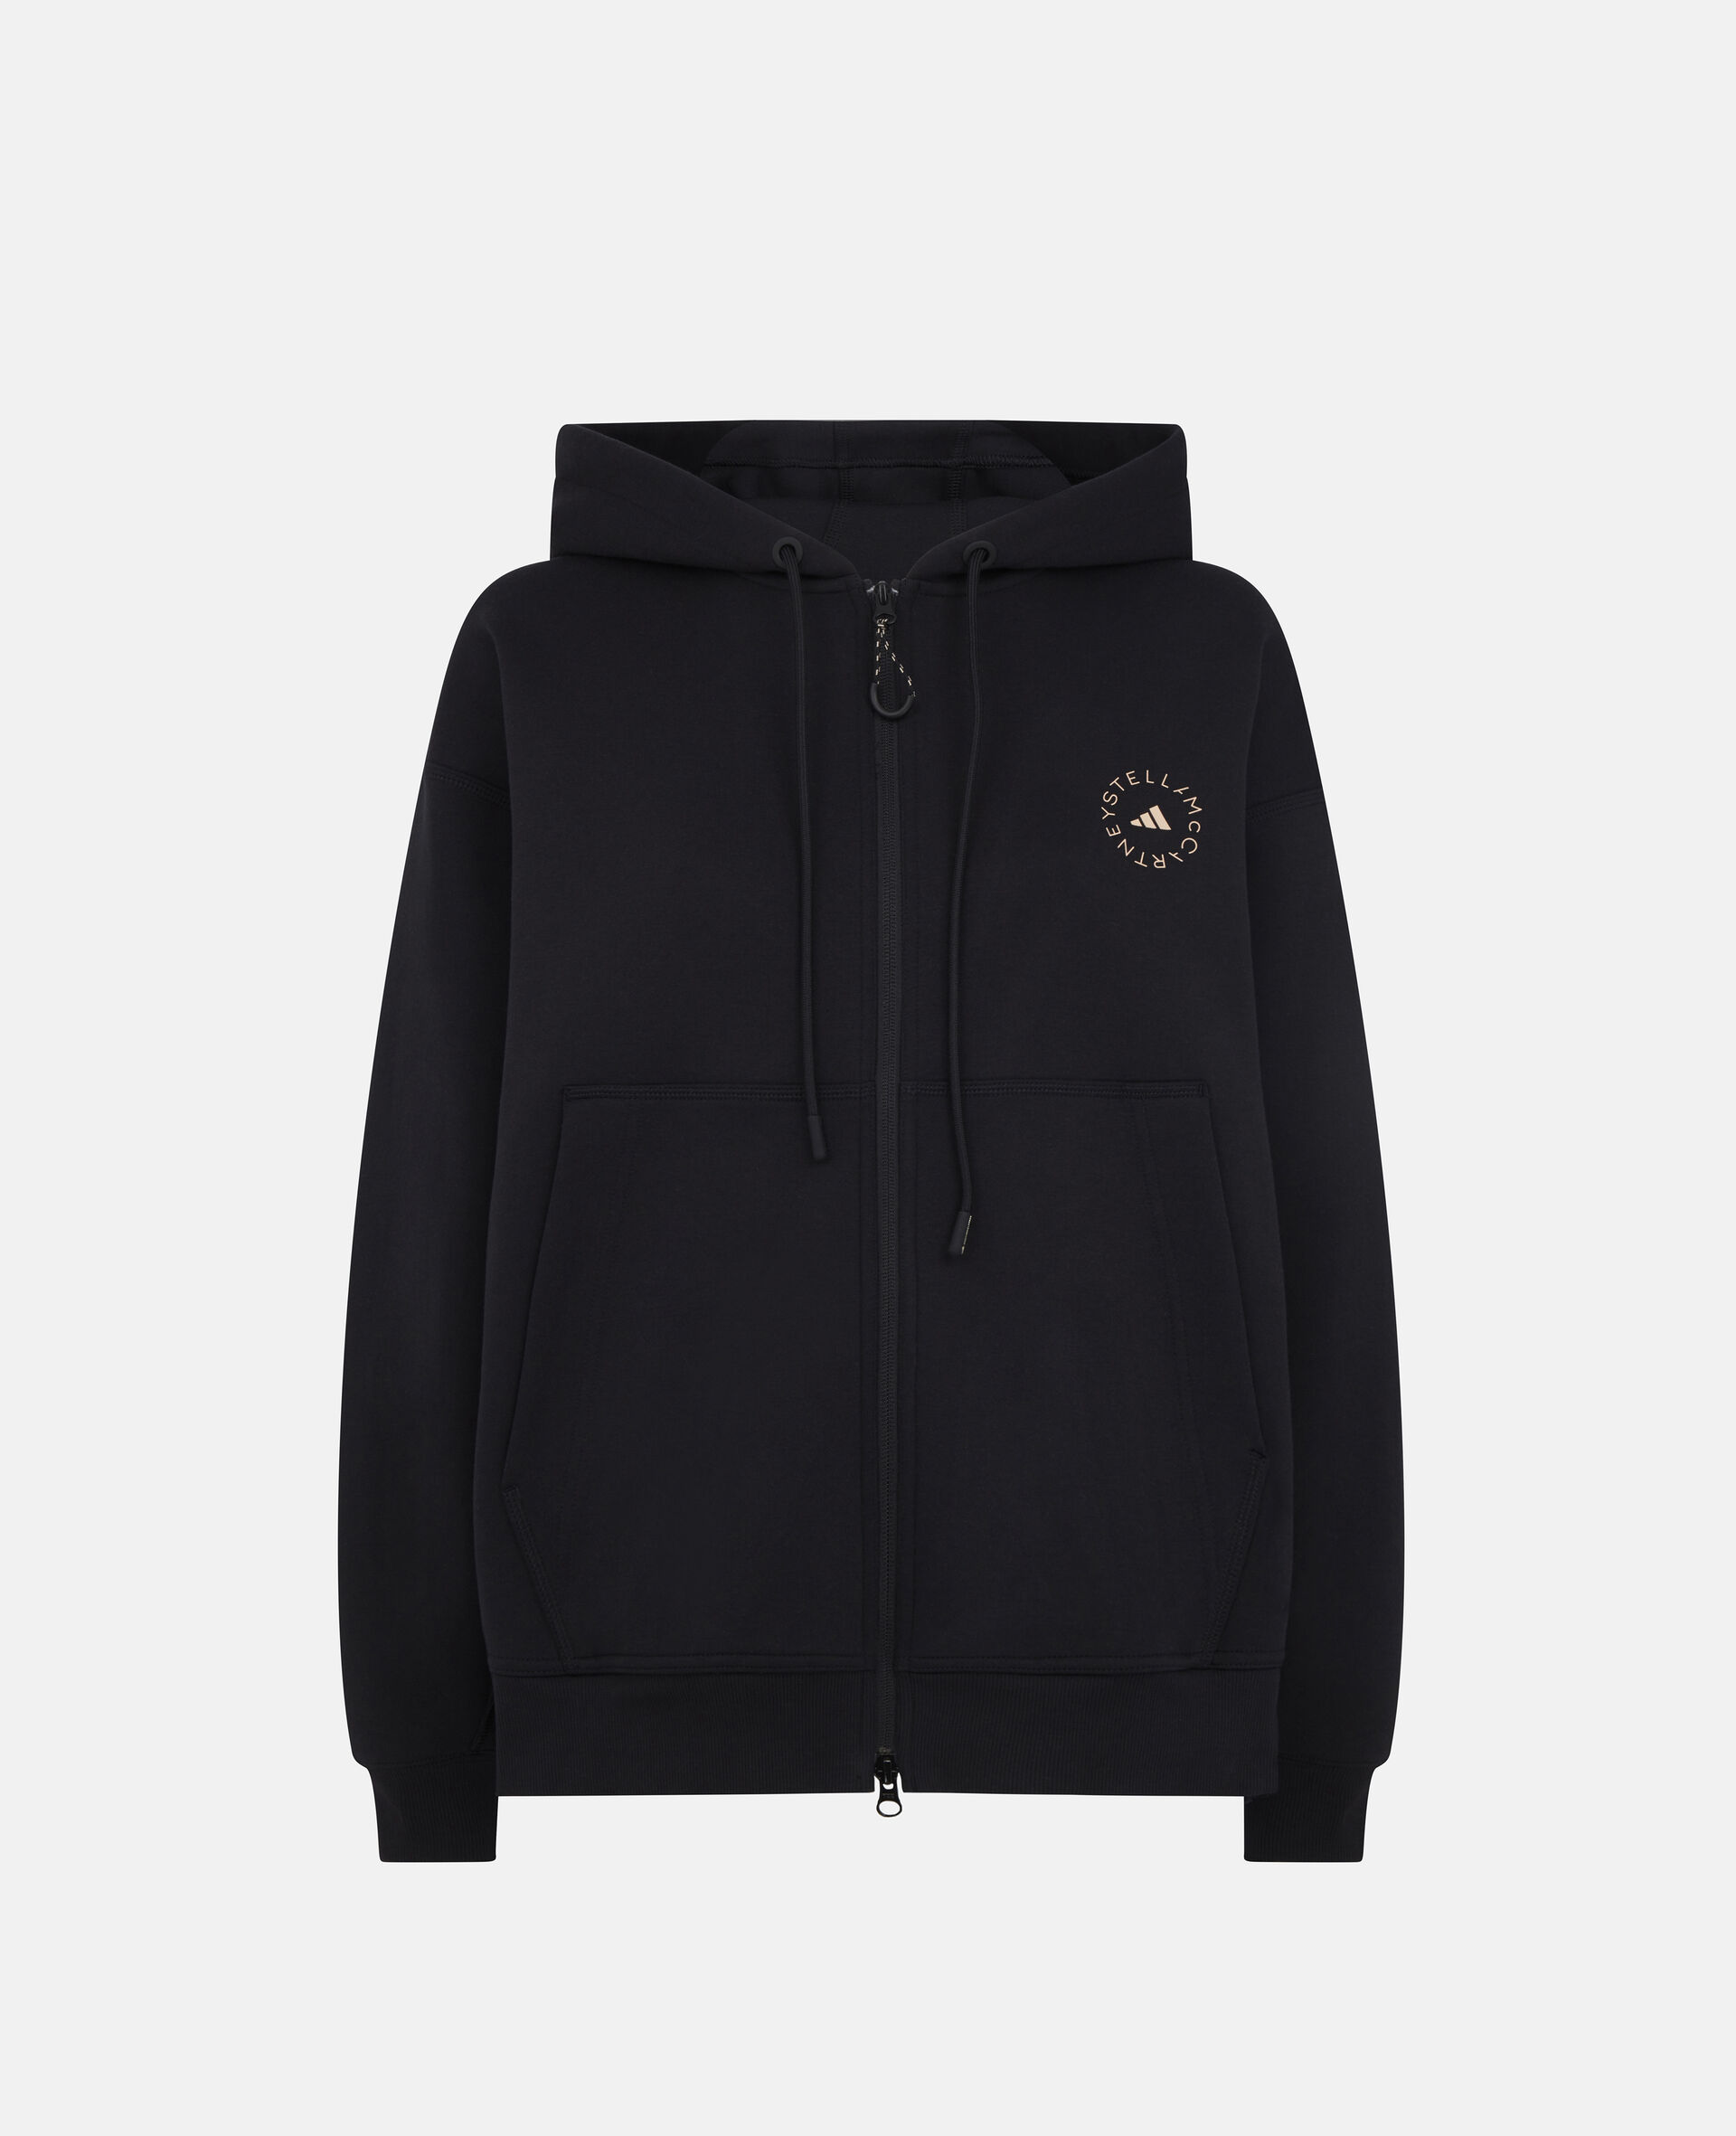 Schwarzes Kapuzensweatshirt mit Reißverschluss-Schwarz-large image number 0